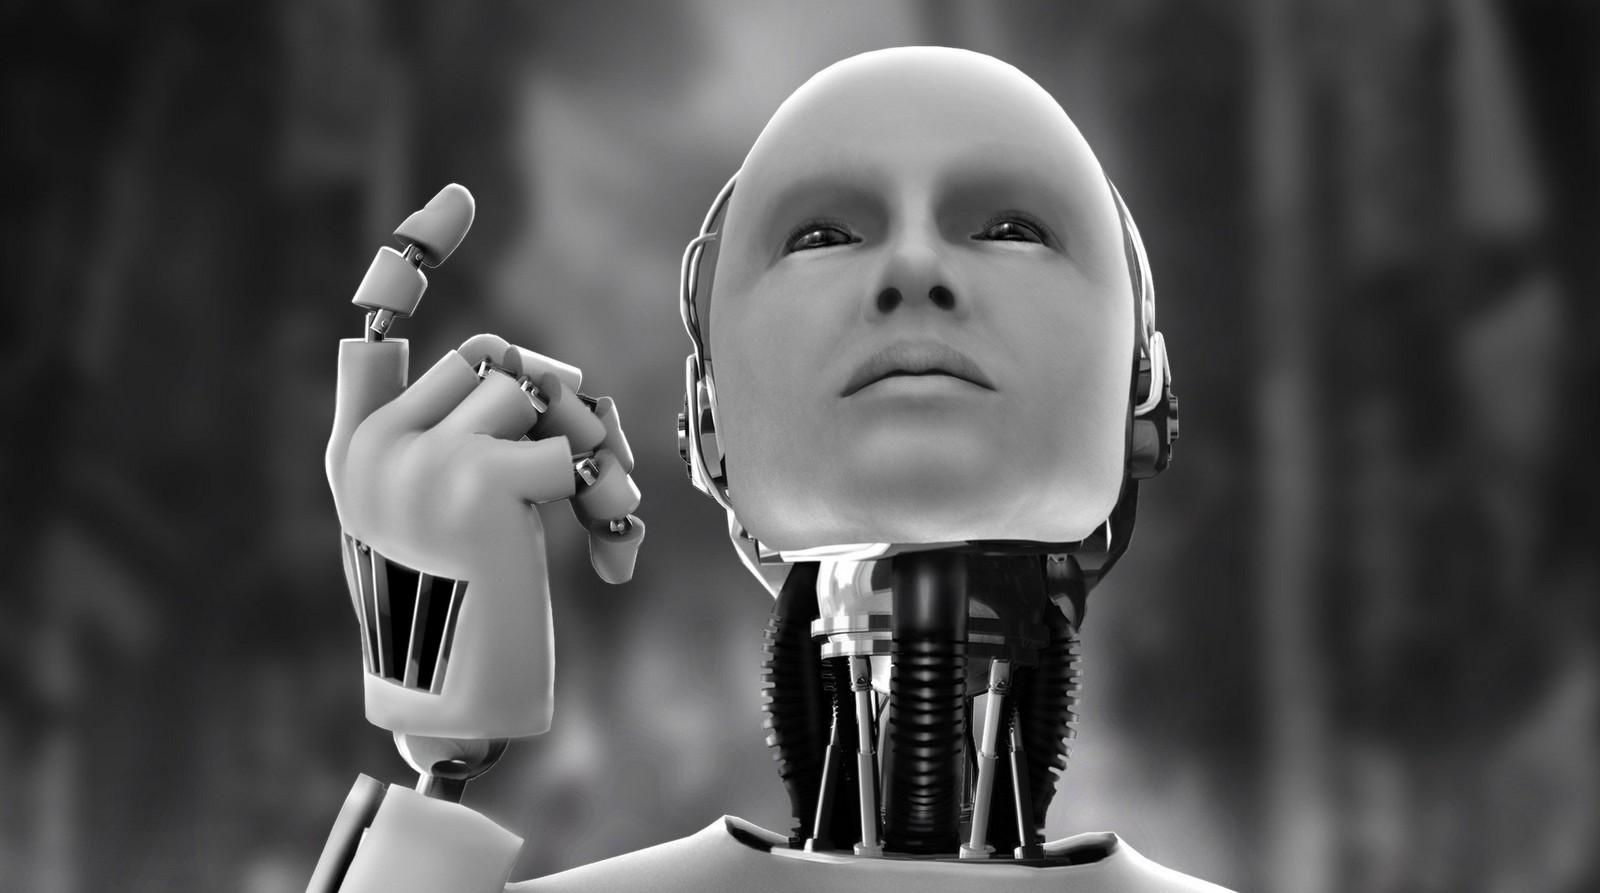 El primer Robot de San Alberto Magno derivó en la Inteligencia Artificial de hoy